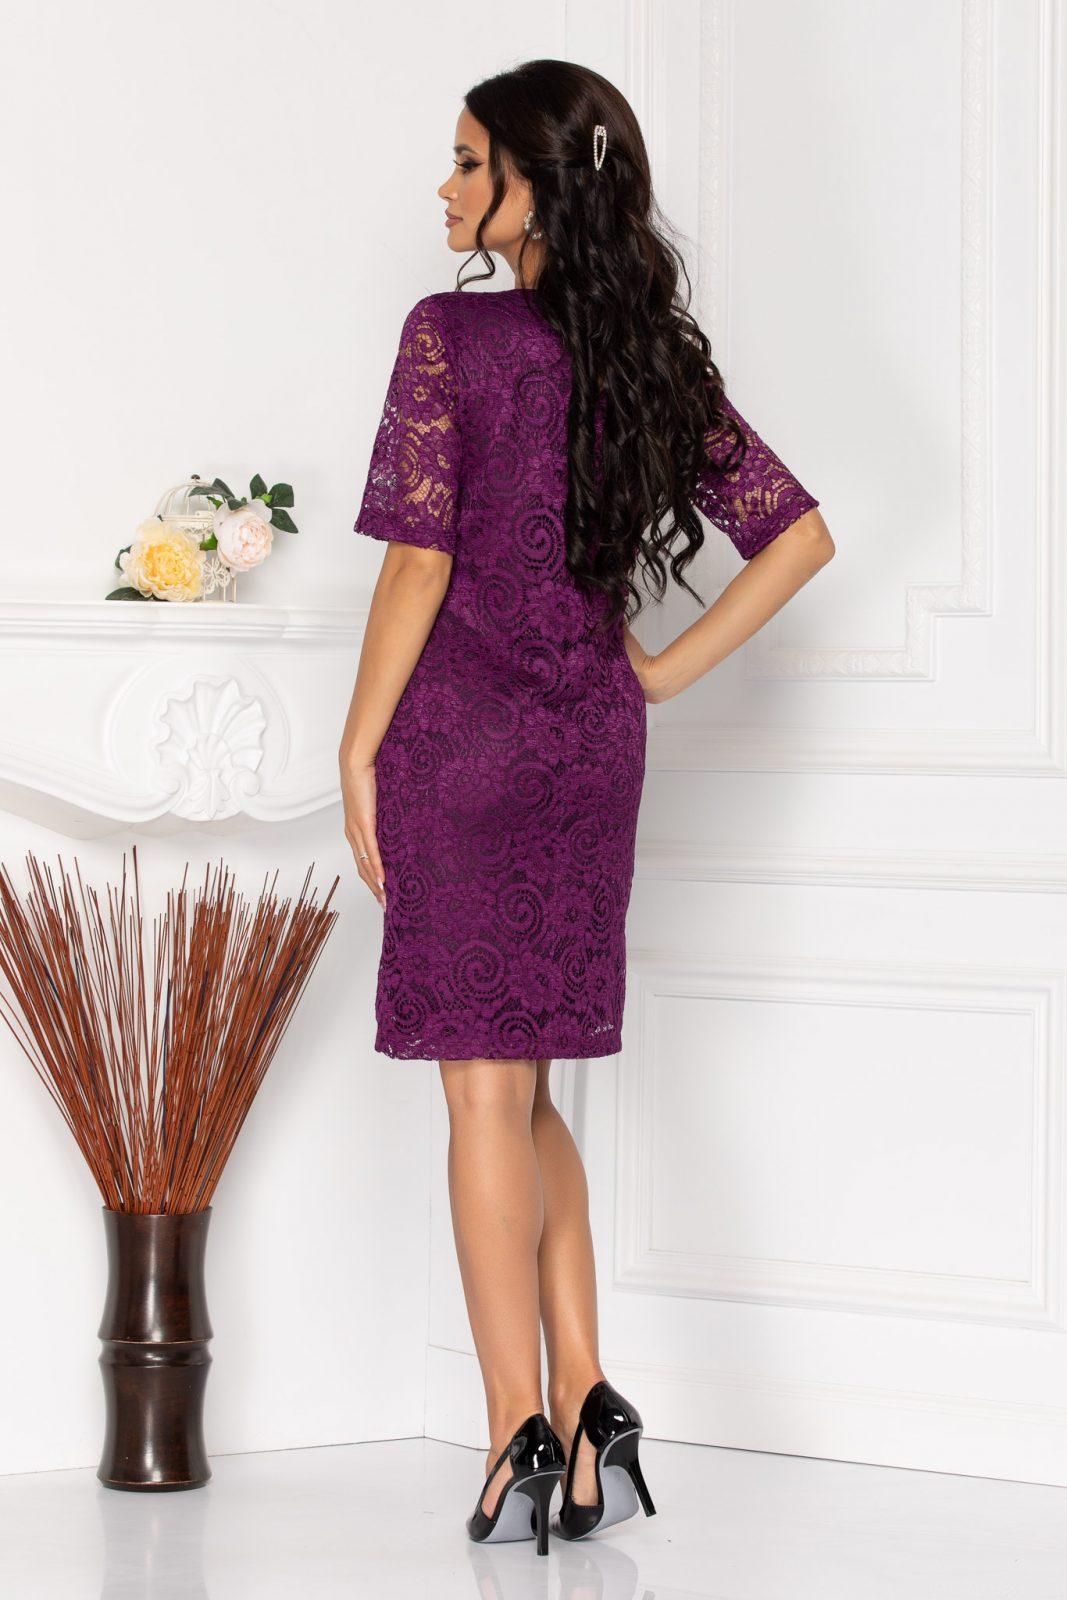 Βιολετί Φόρεμα Από Δαντέλα Glancy 8255 1